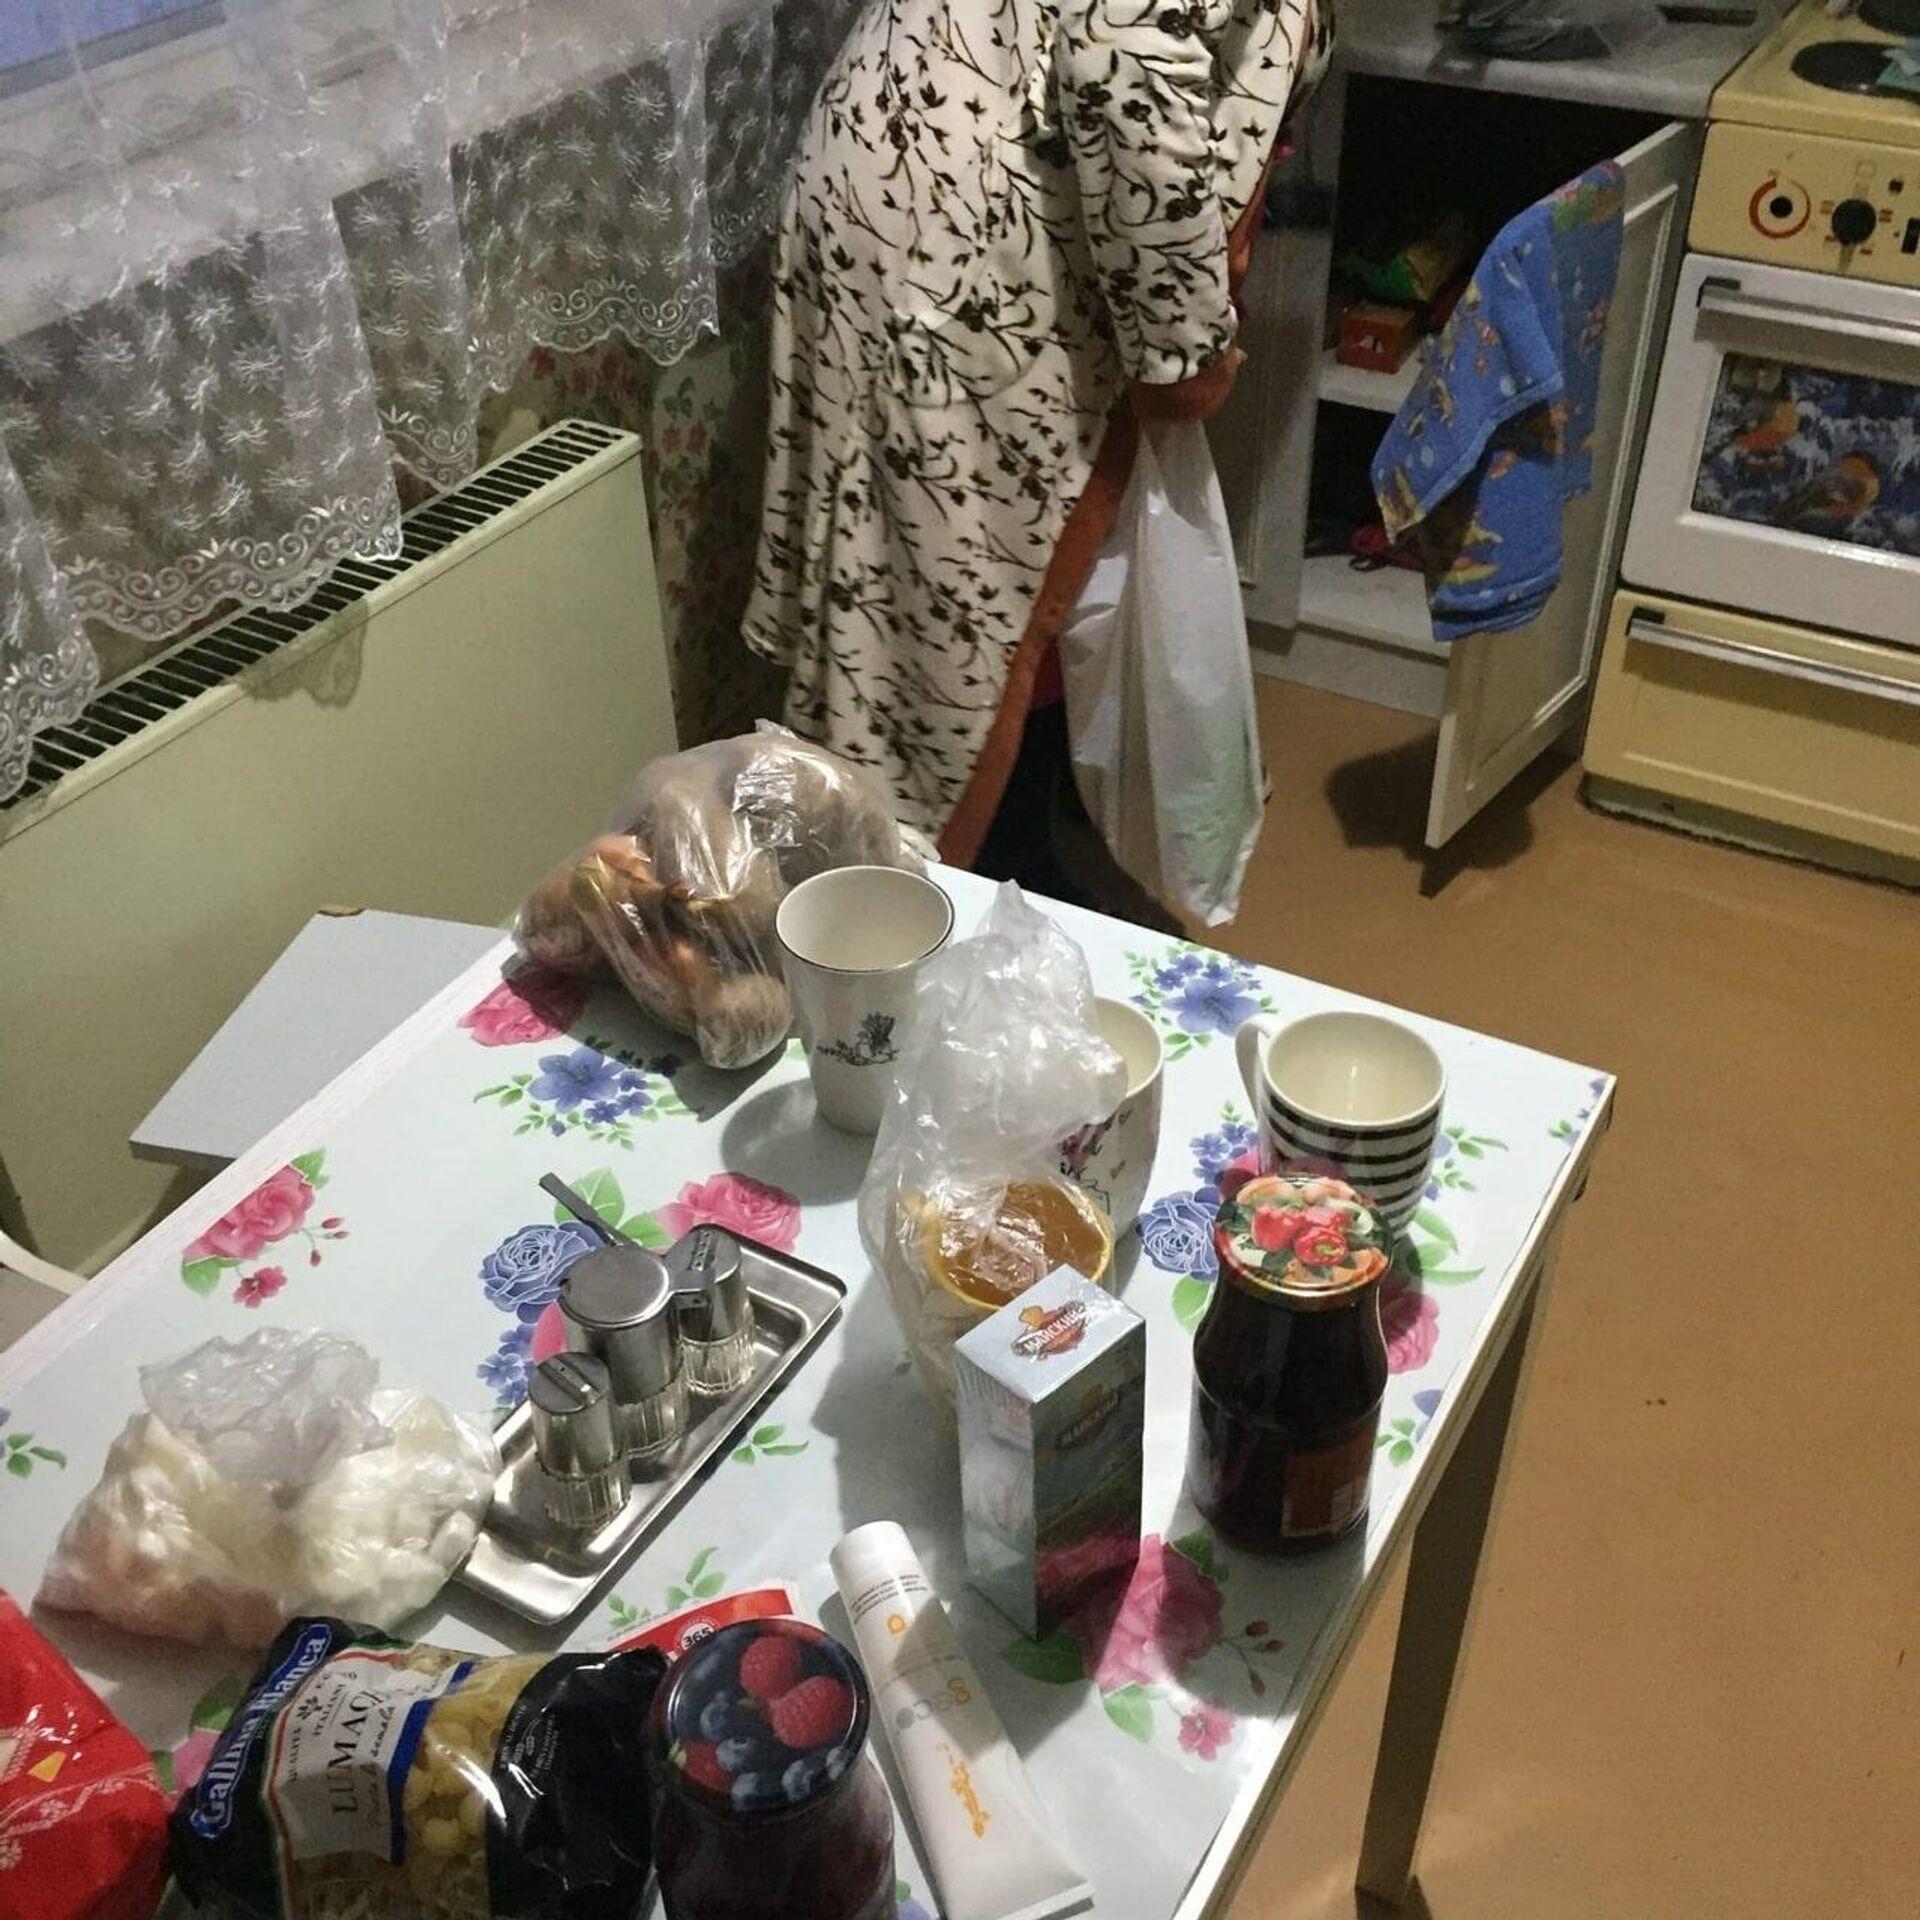 Новая арендованная квартира для бездомной Нины из Ярославля - РИА Новости, 1920, 27.01.2021